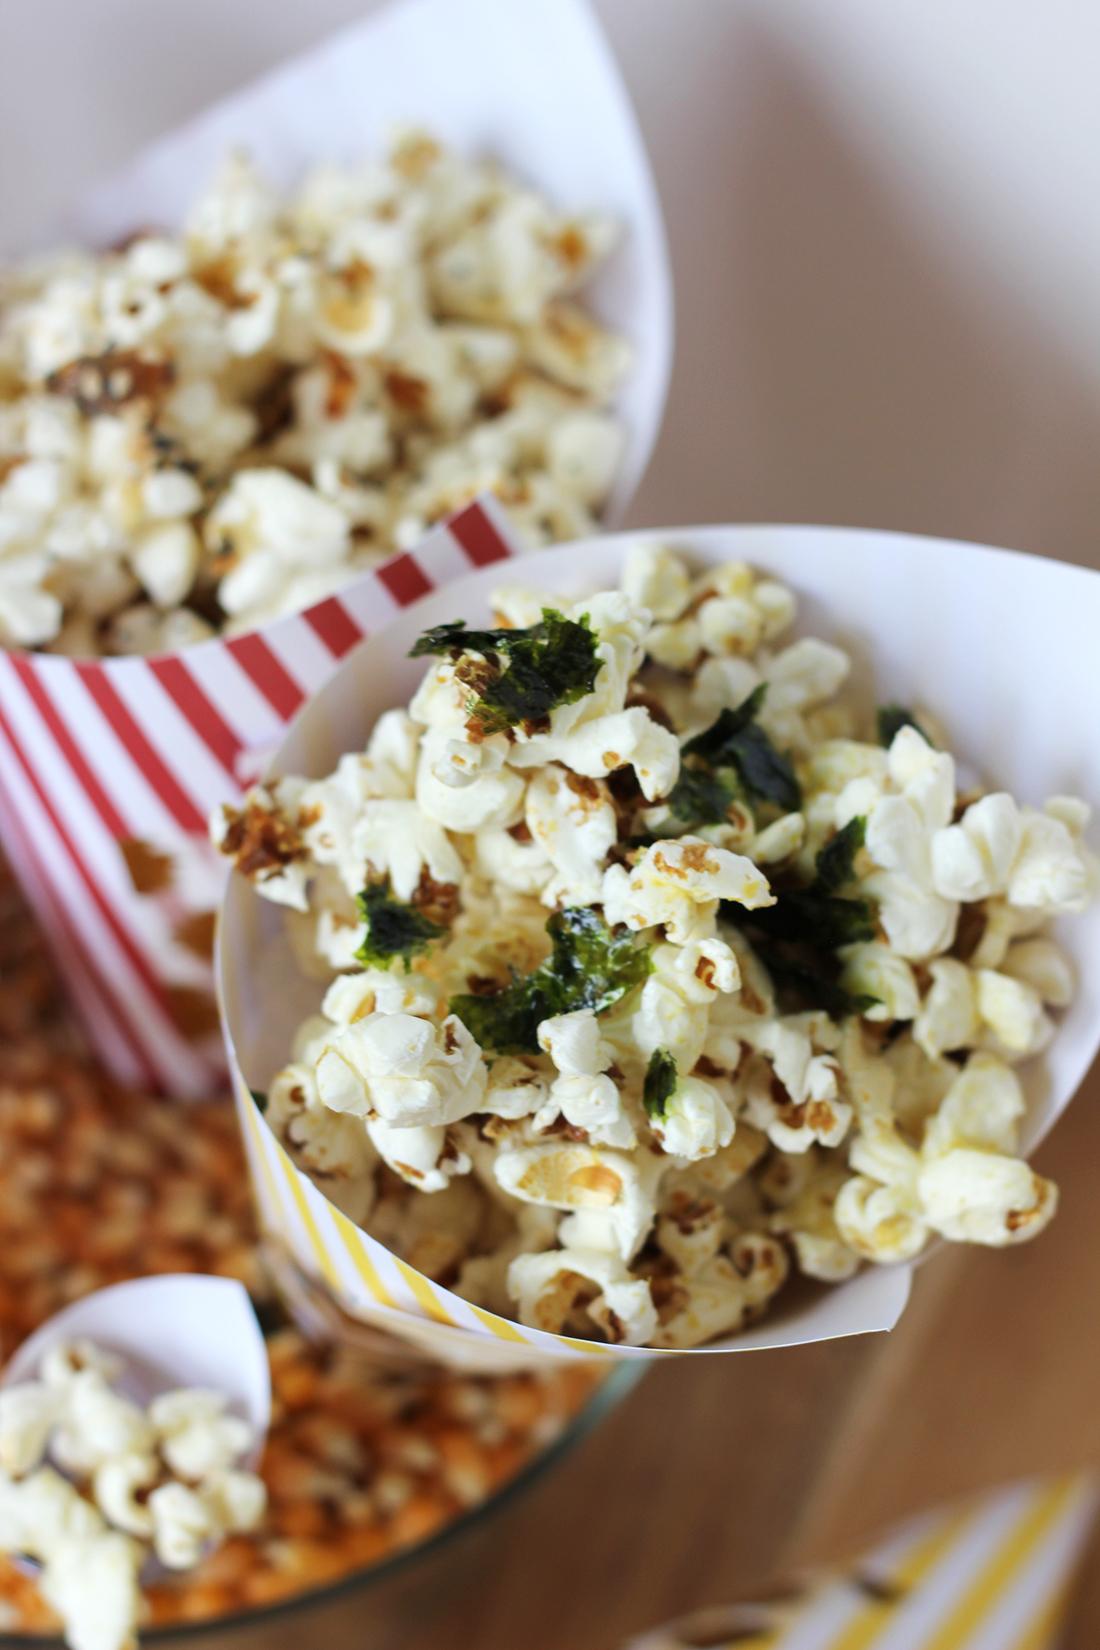 2 Popcorn Recipes For Your Oscars Party Homemadebanana